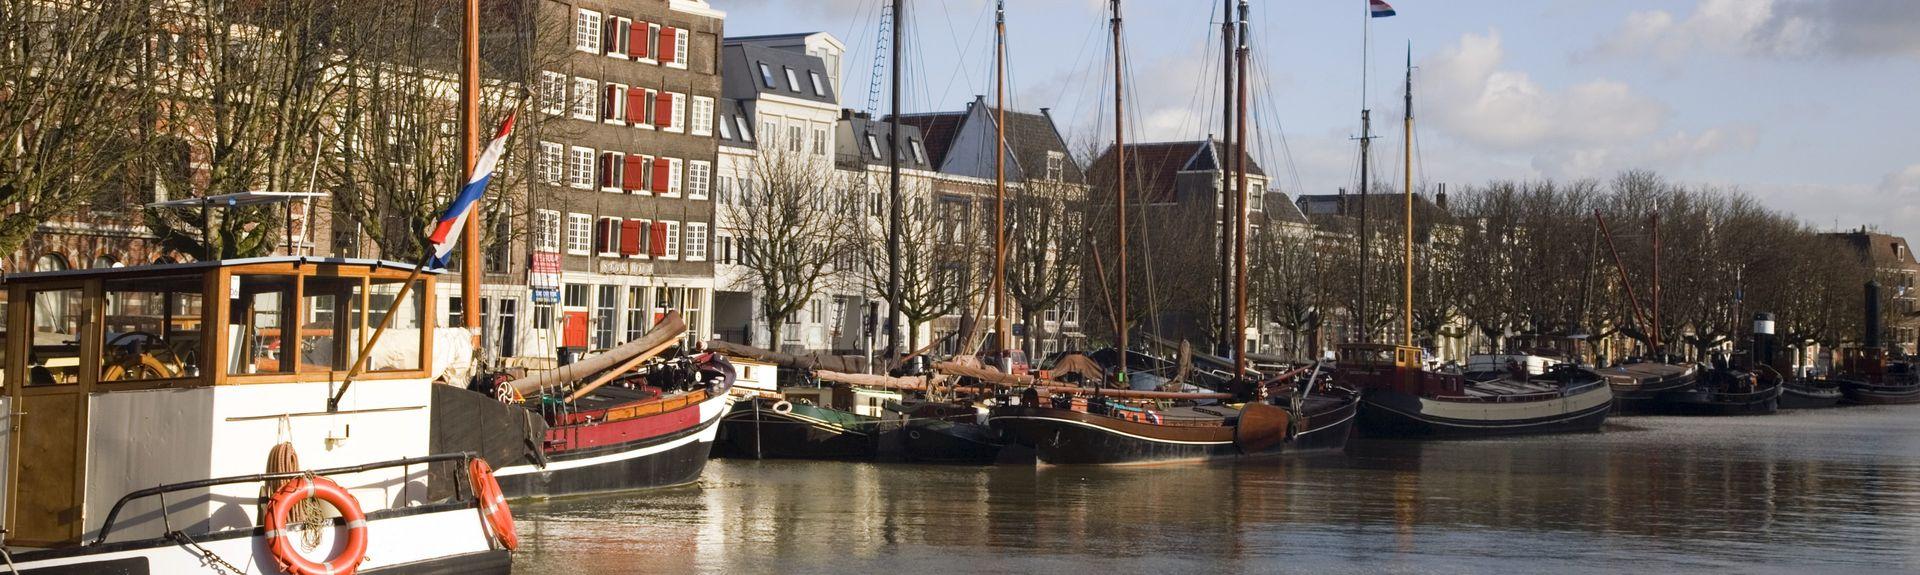 Zuid-Holland, Nederland